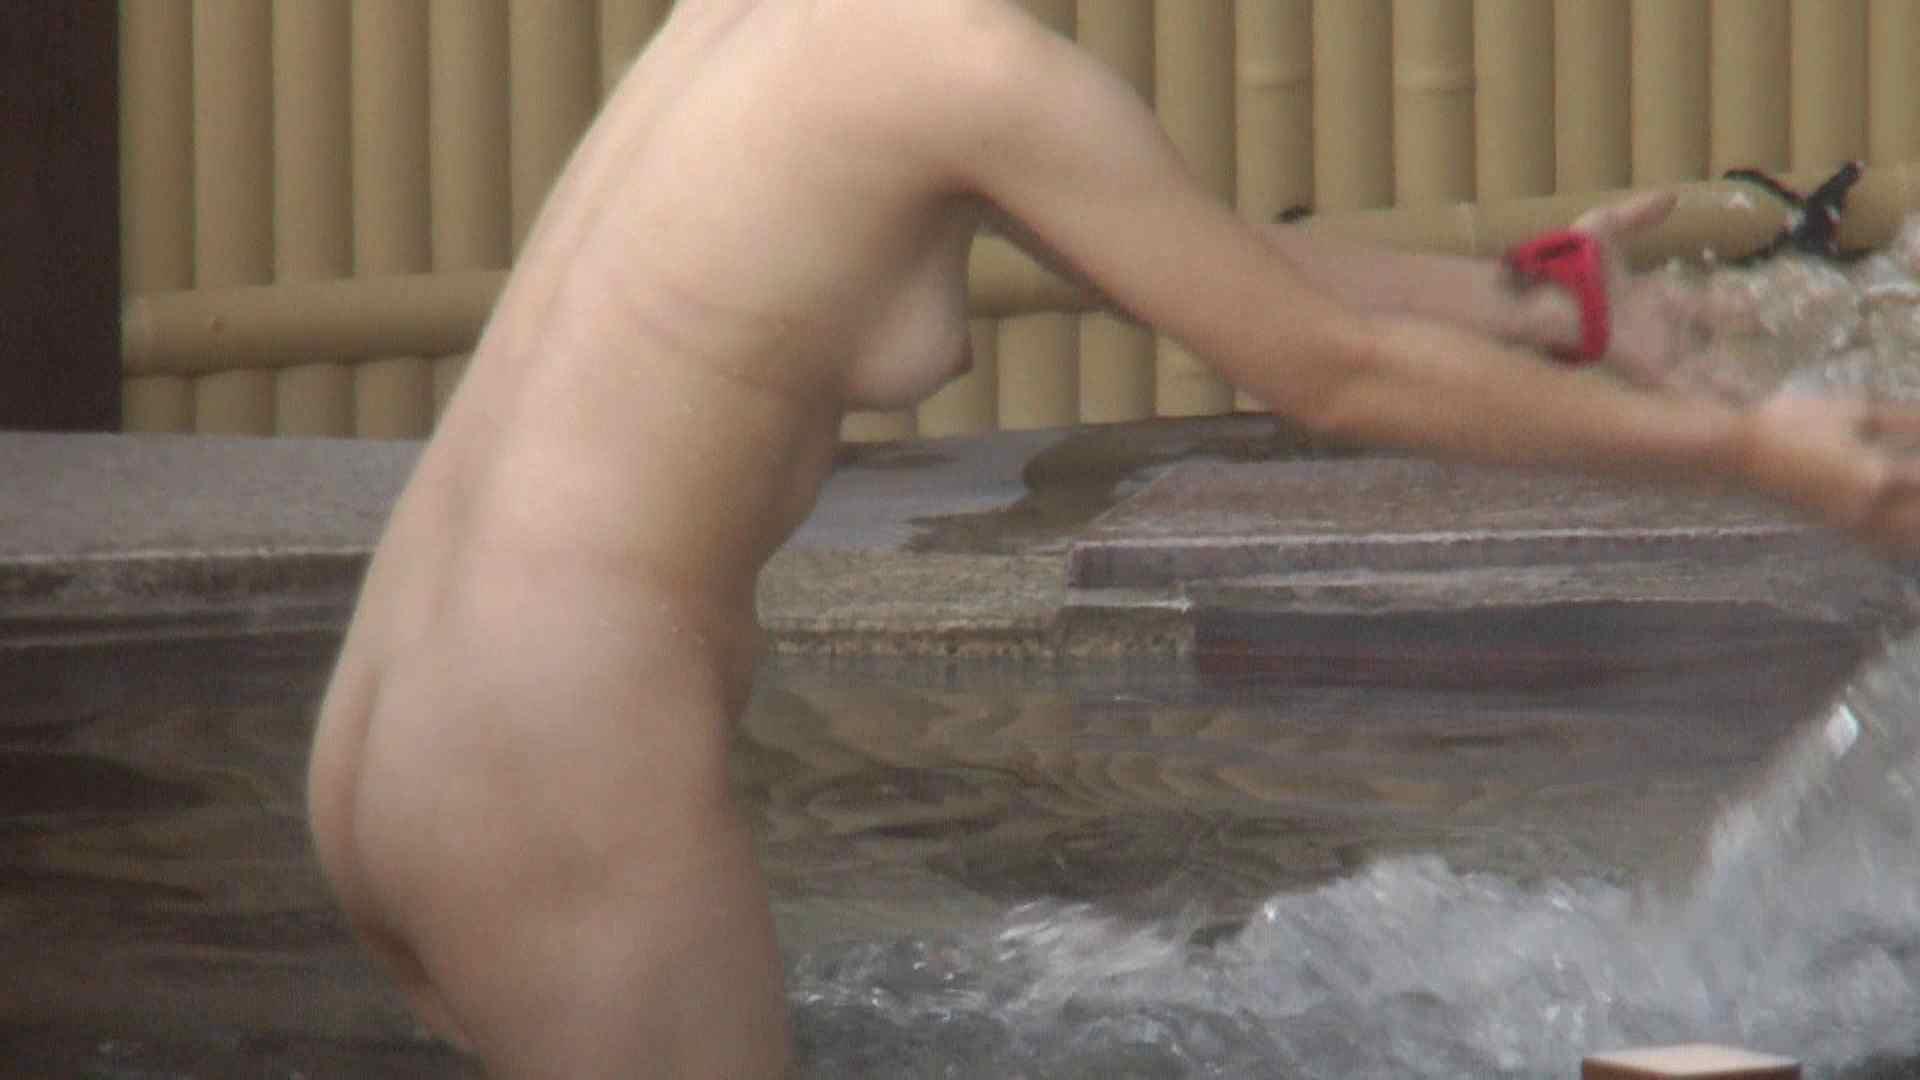 Aquaな露天風呂Vol.210 美しいOLの裸体   盗撮師作品  75pic 4